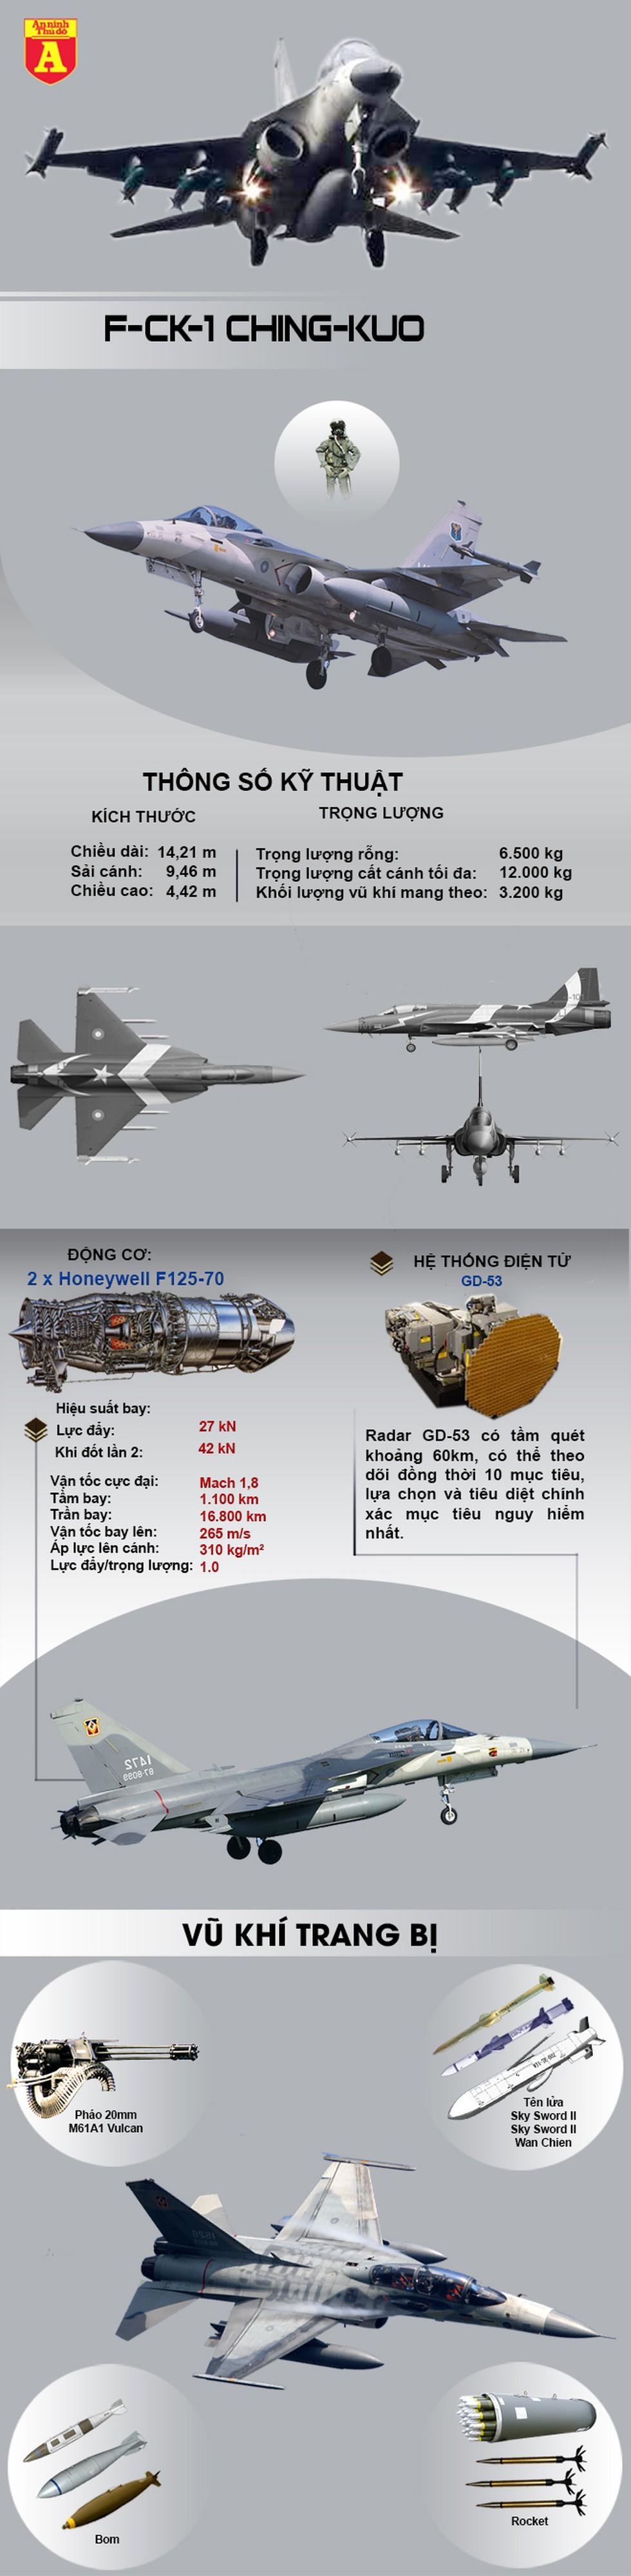 [Infographics] Chiến đấu cơ tự sản xuất của đảo Đài Loan mạnh ngang ngửa với J-10 Trung Quốc - Ảnh 1